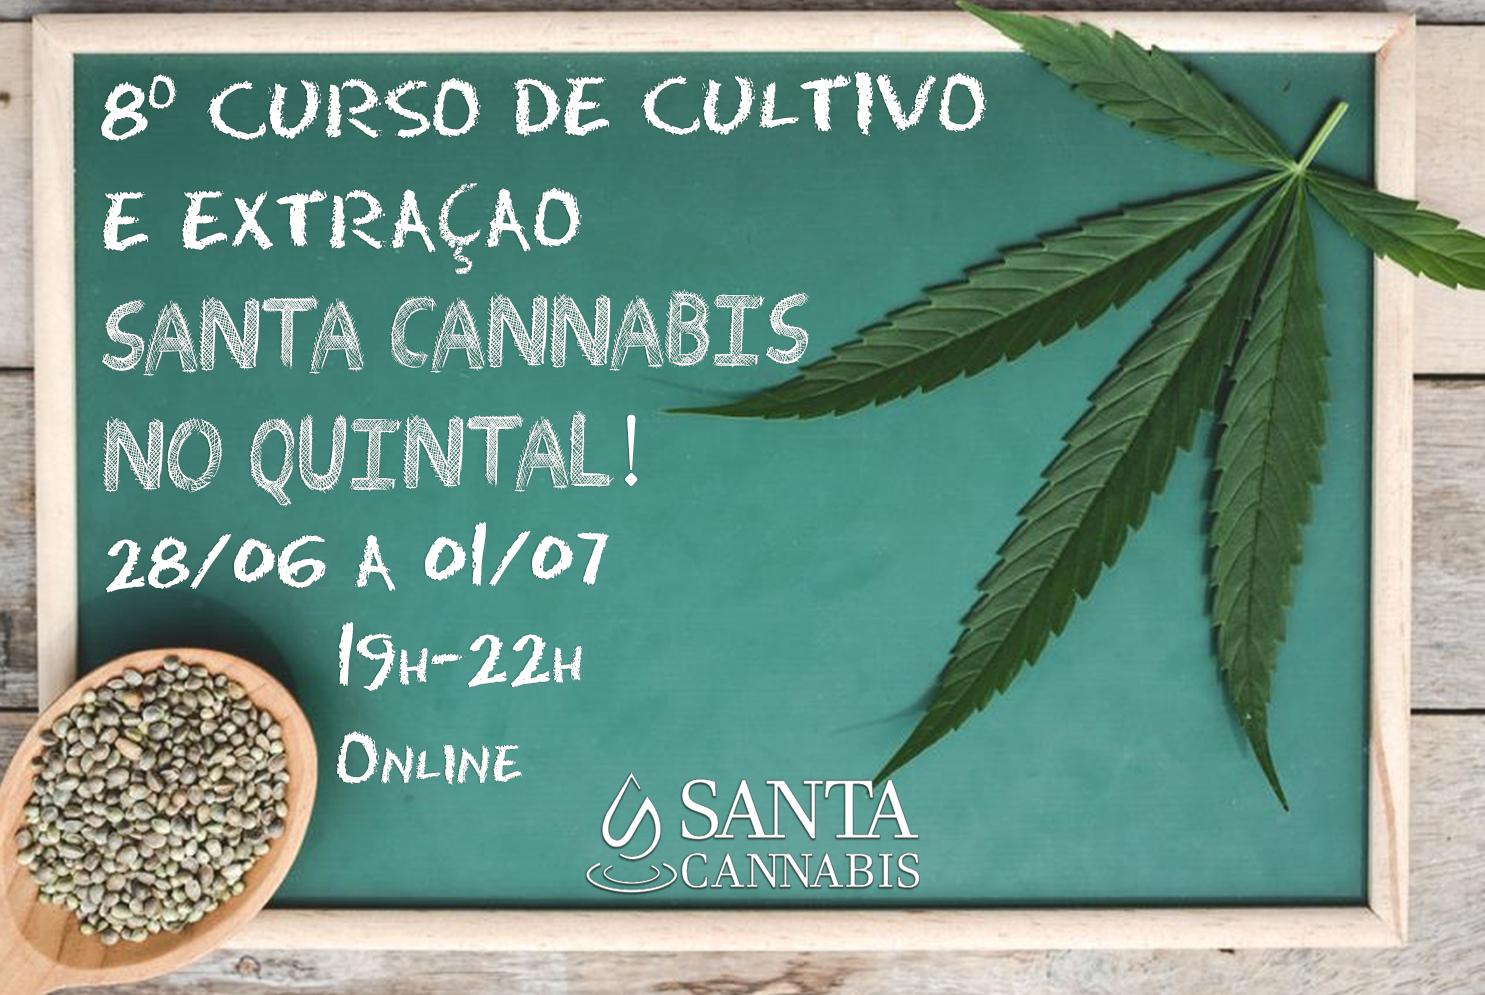 8º Curso de Cultivo e Extração Santa Cannabis no Quintal